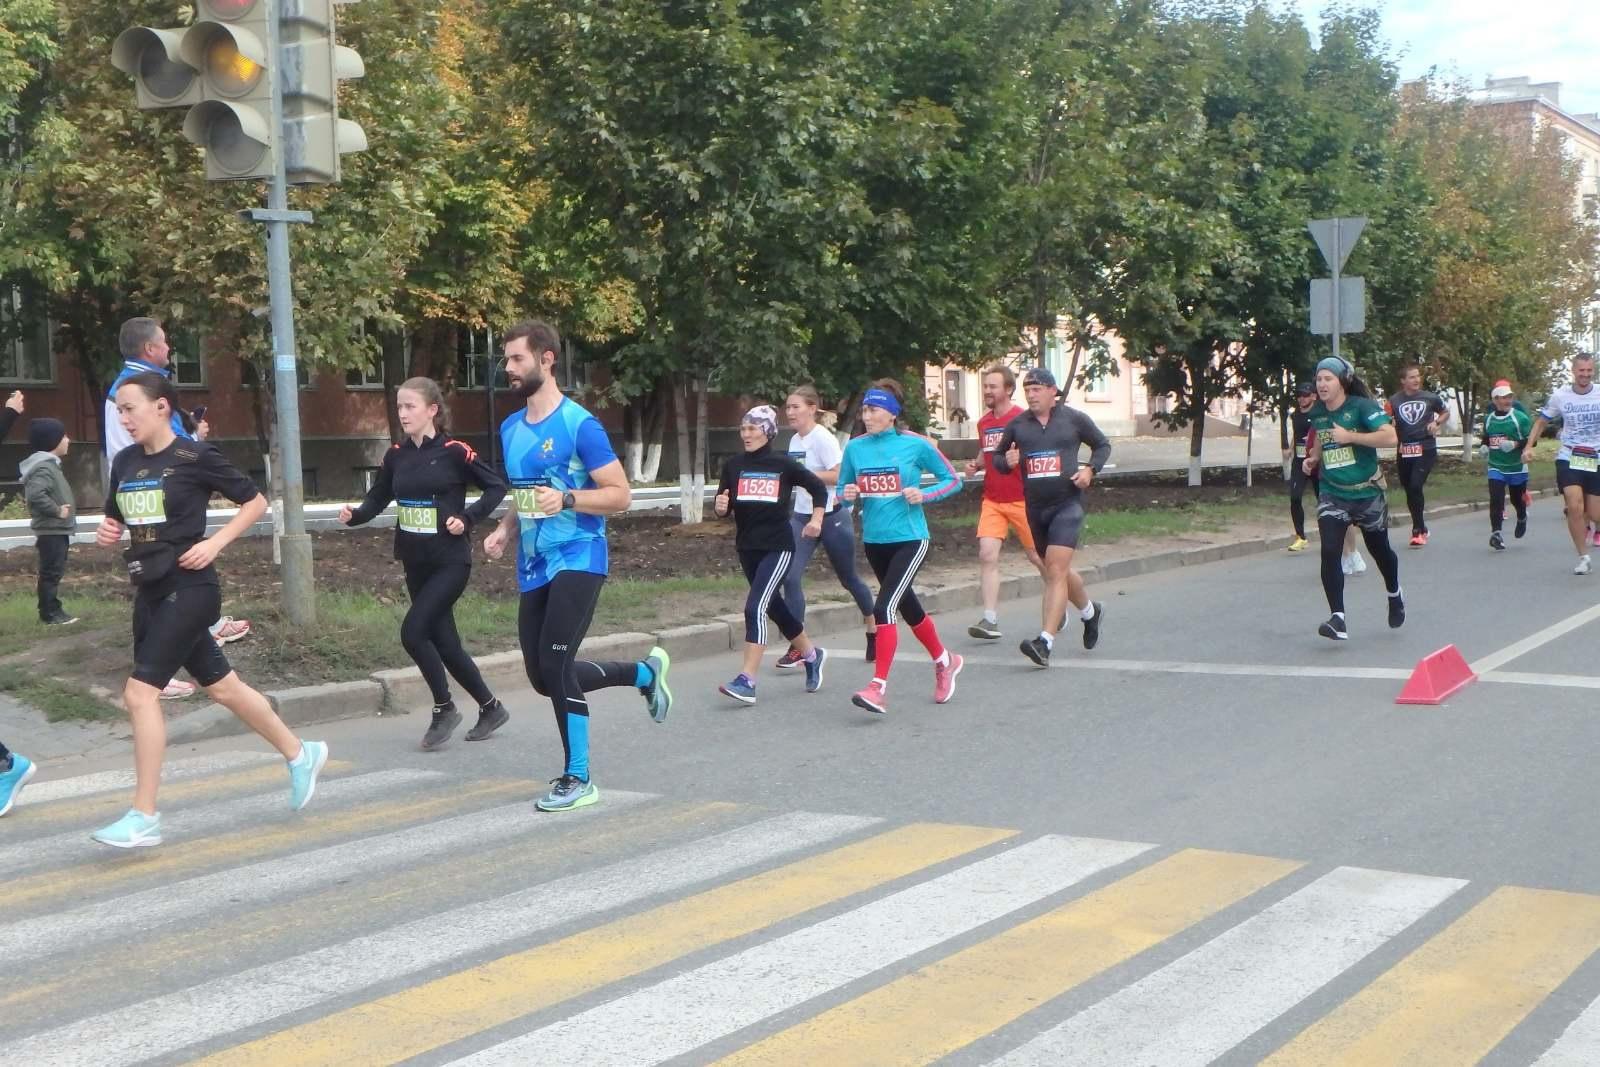 Три медали завоевали можгинцы на Всероссийском легкоатлетическом забеге Динамовская миля 2021 в Ижевске